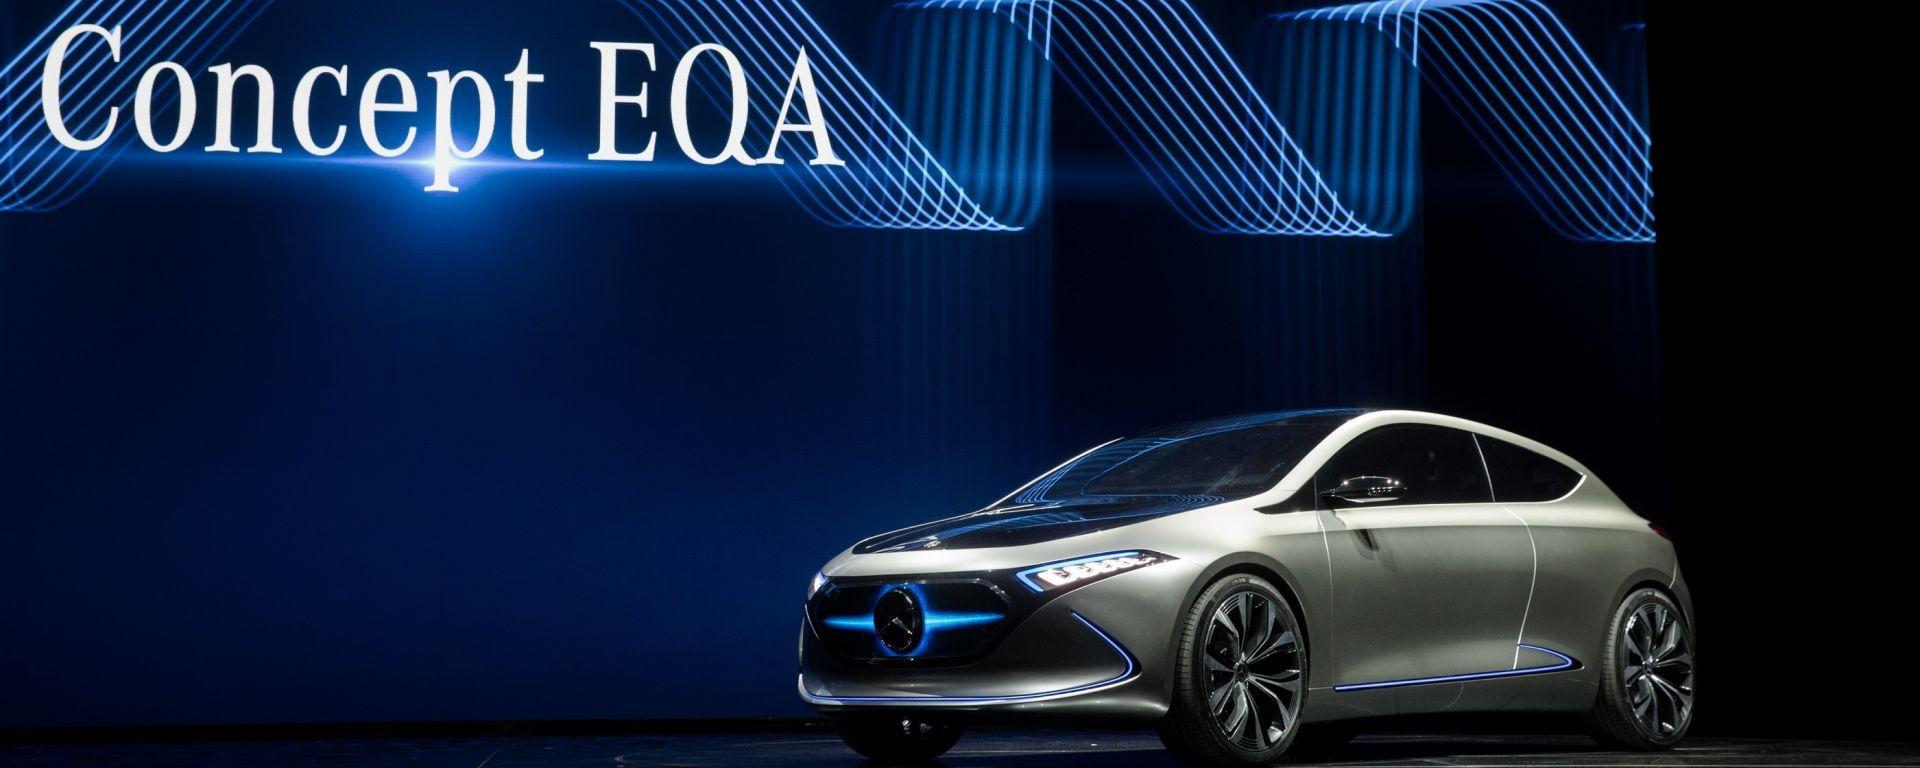 Mercedes Benz, Concept EQA, Salone di Francoforte 2017